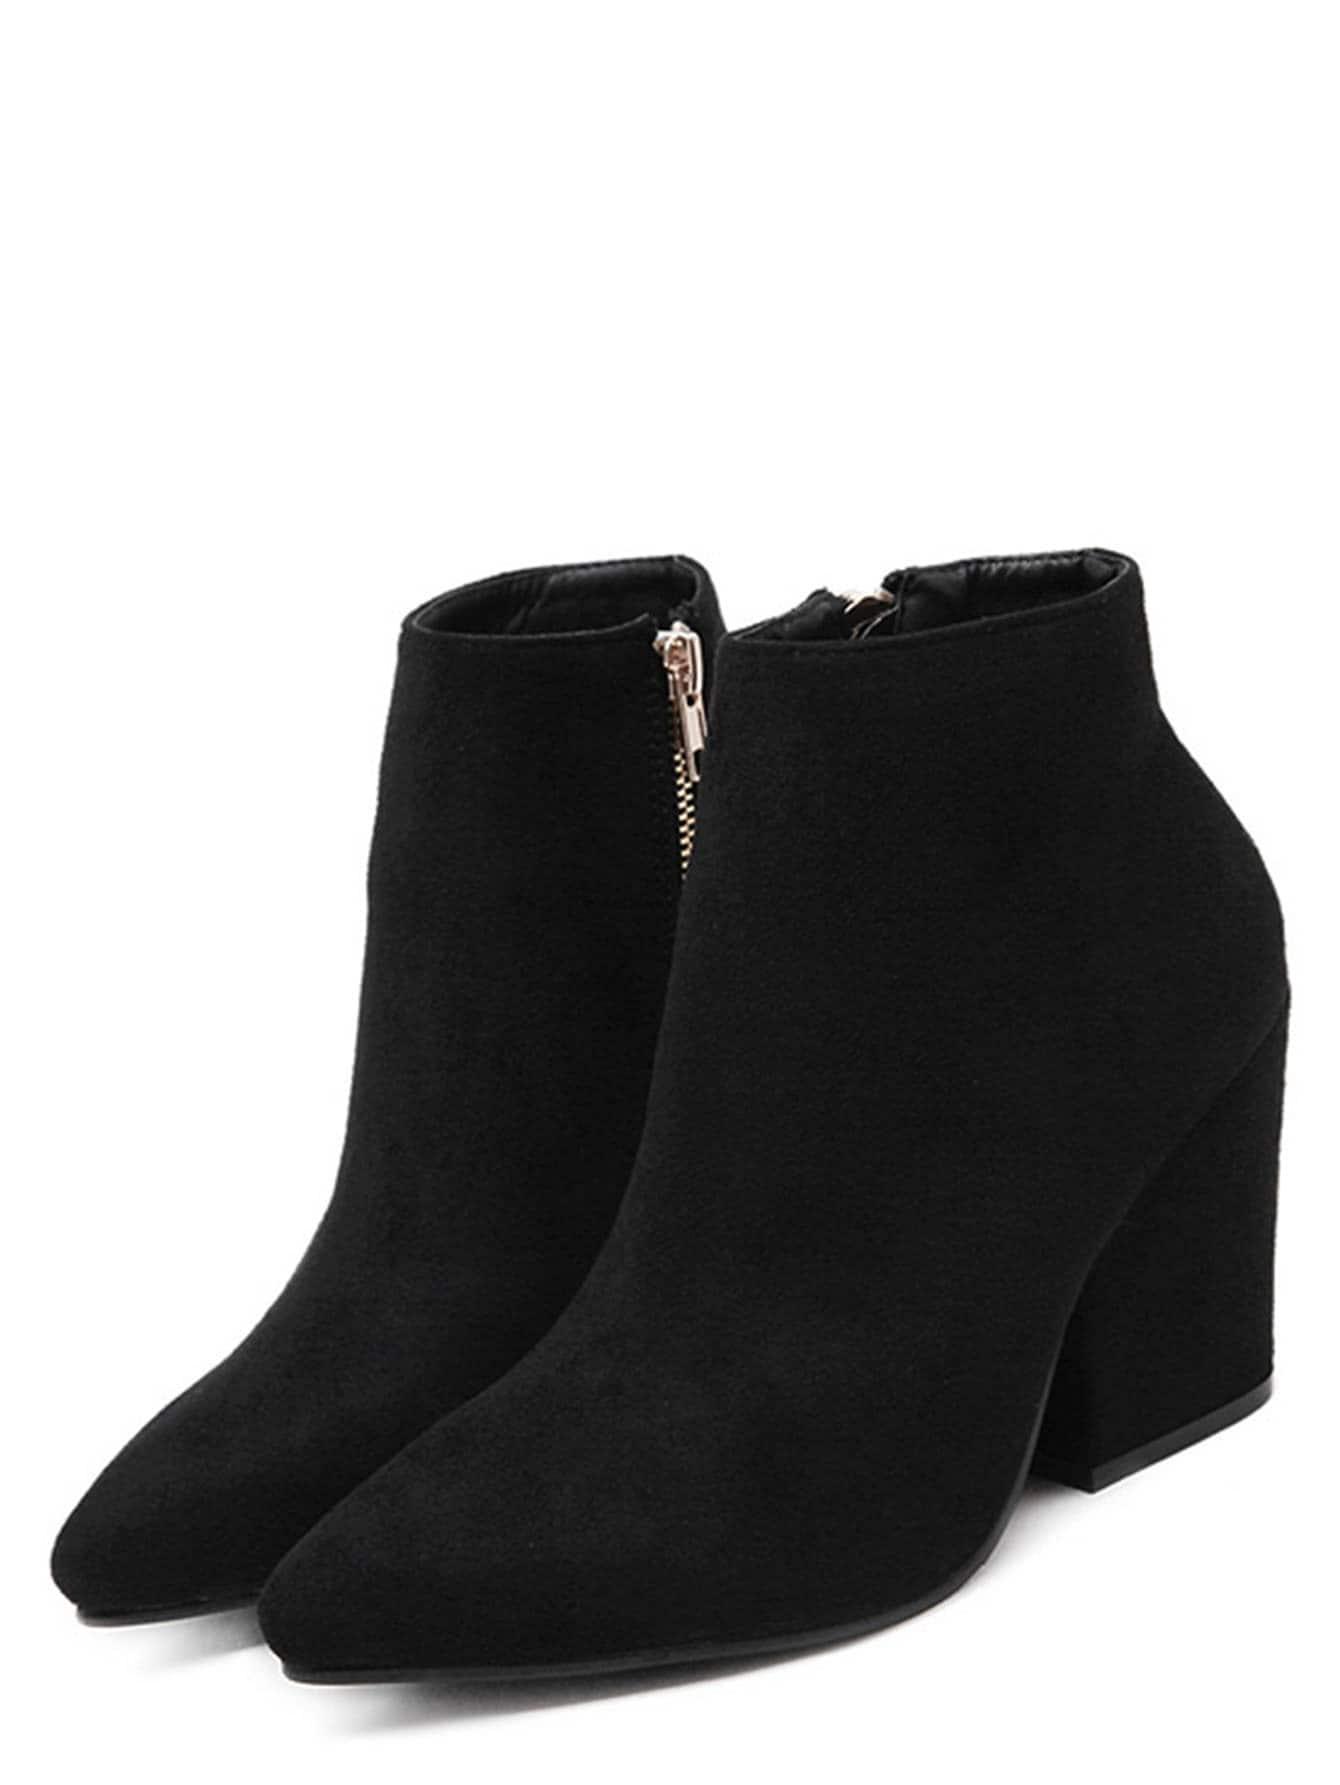 shoes160909807_2